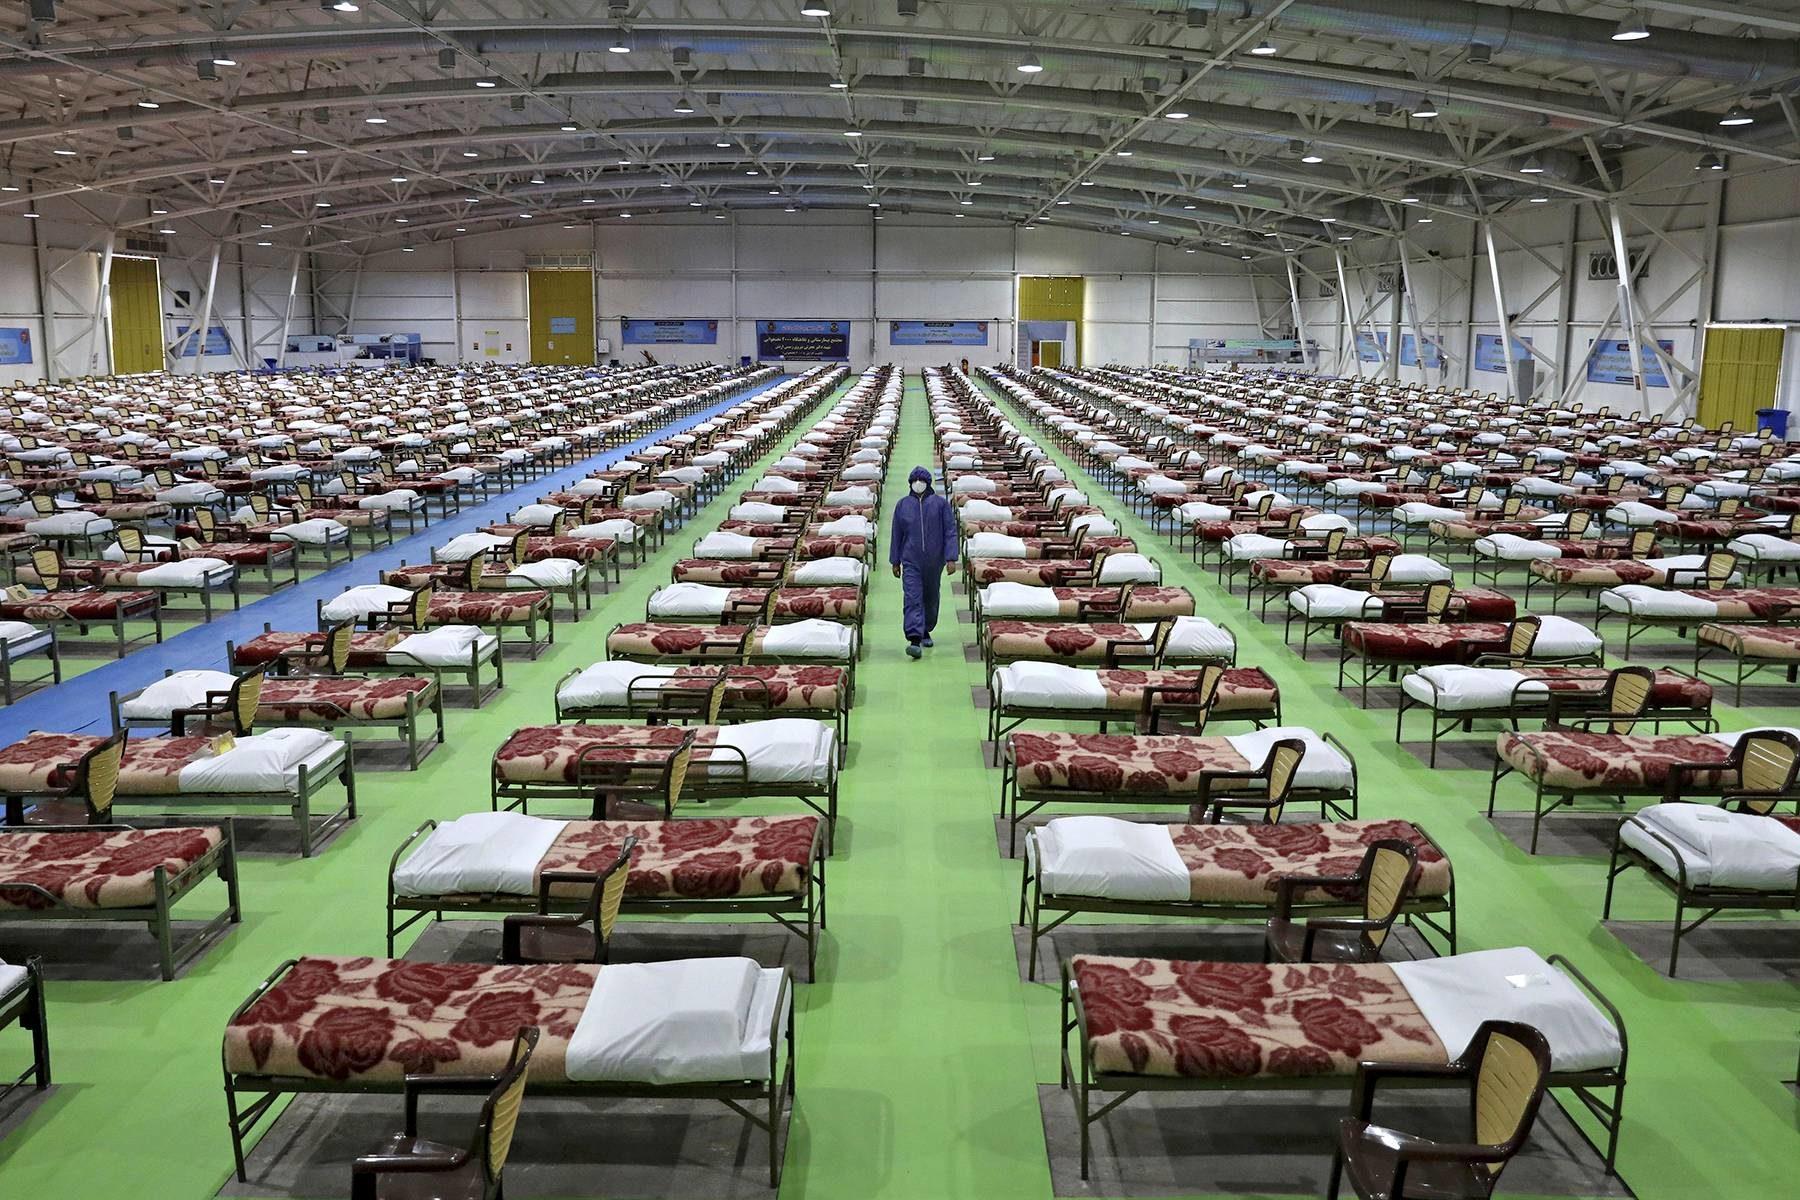 Iranin armeija on perustanut väliaikaisen 2000 koronaviruspotilaan sairaalan Teheraniin.